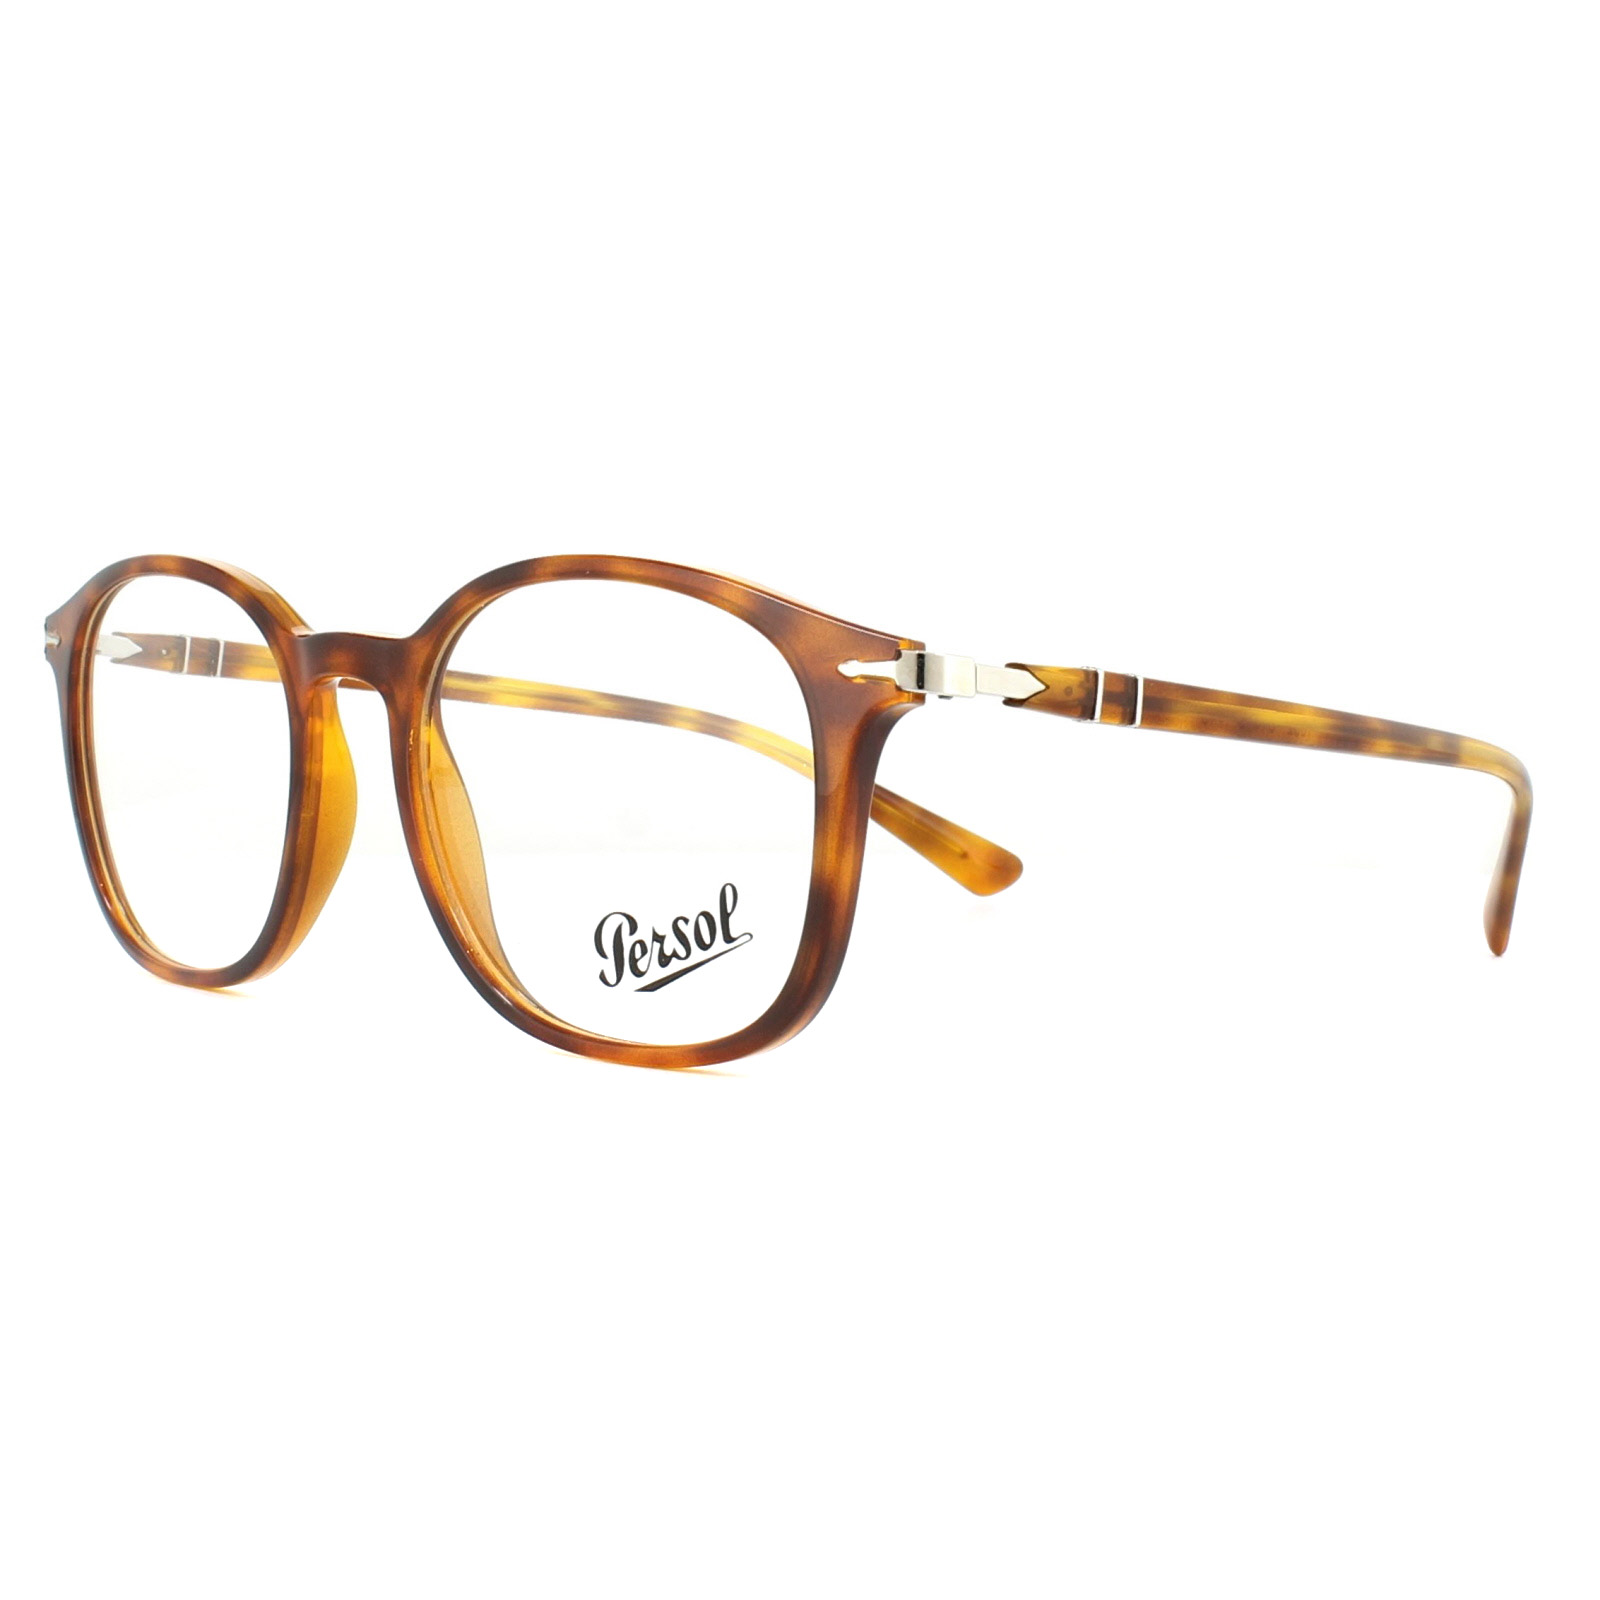 764f90e9fda15 Sentinel Persol Glasses Frames PO3182V 1052 Brown Beige Tortoise 51mm Mens